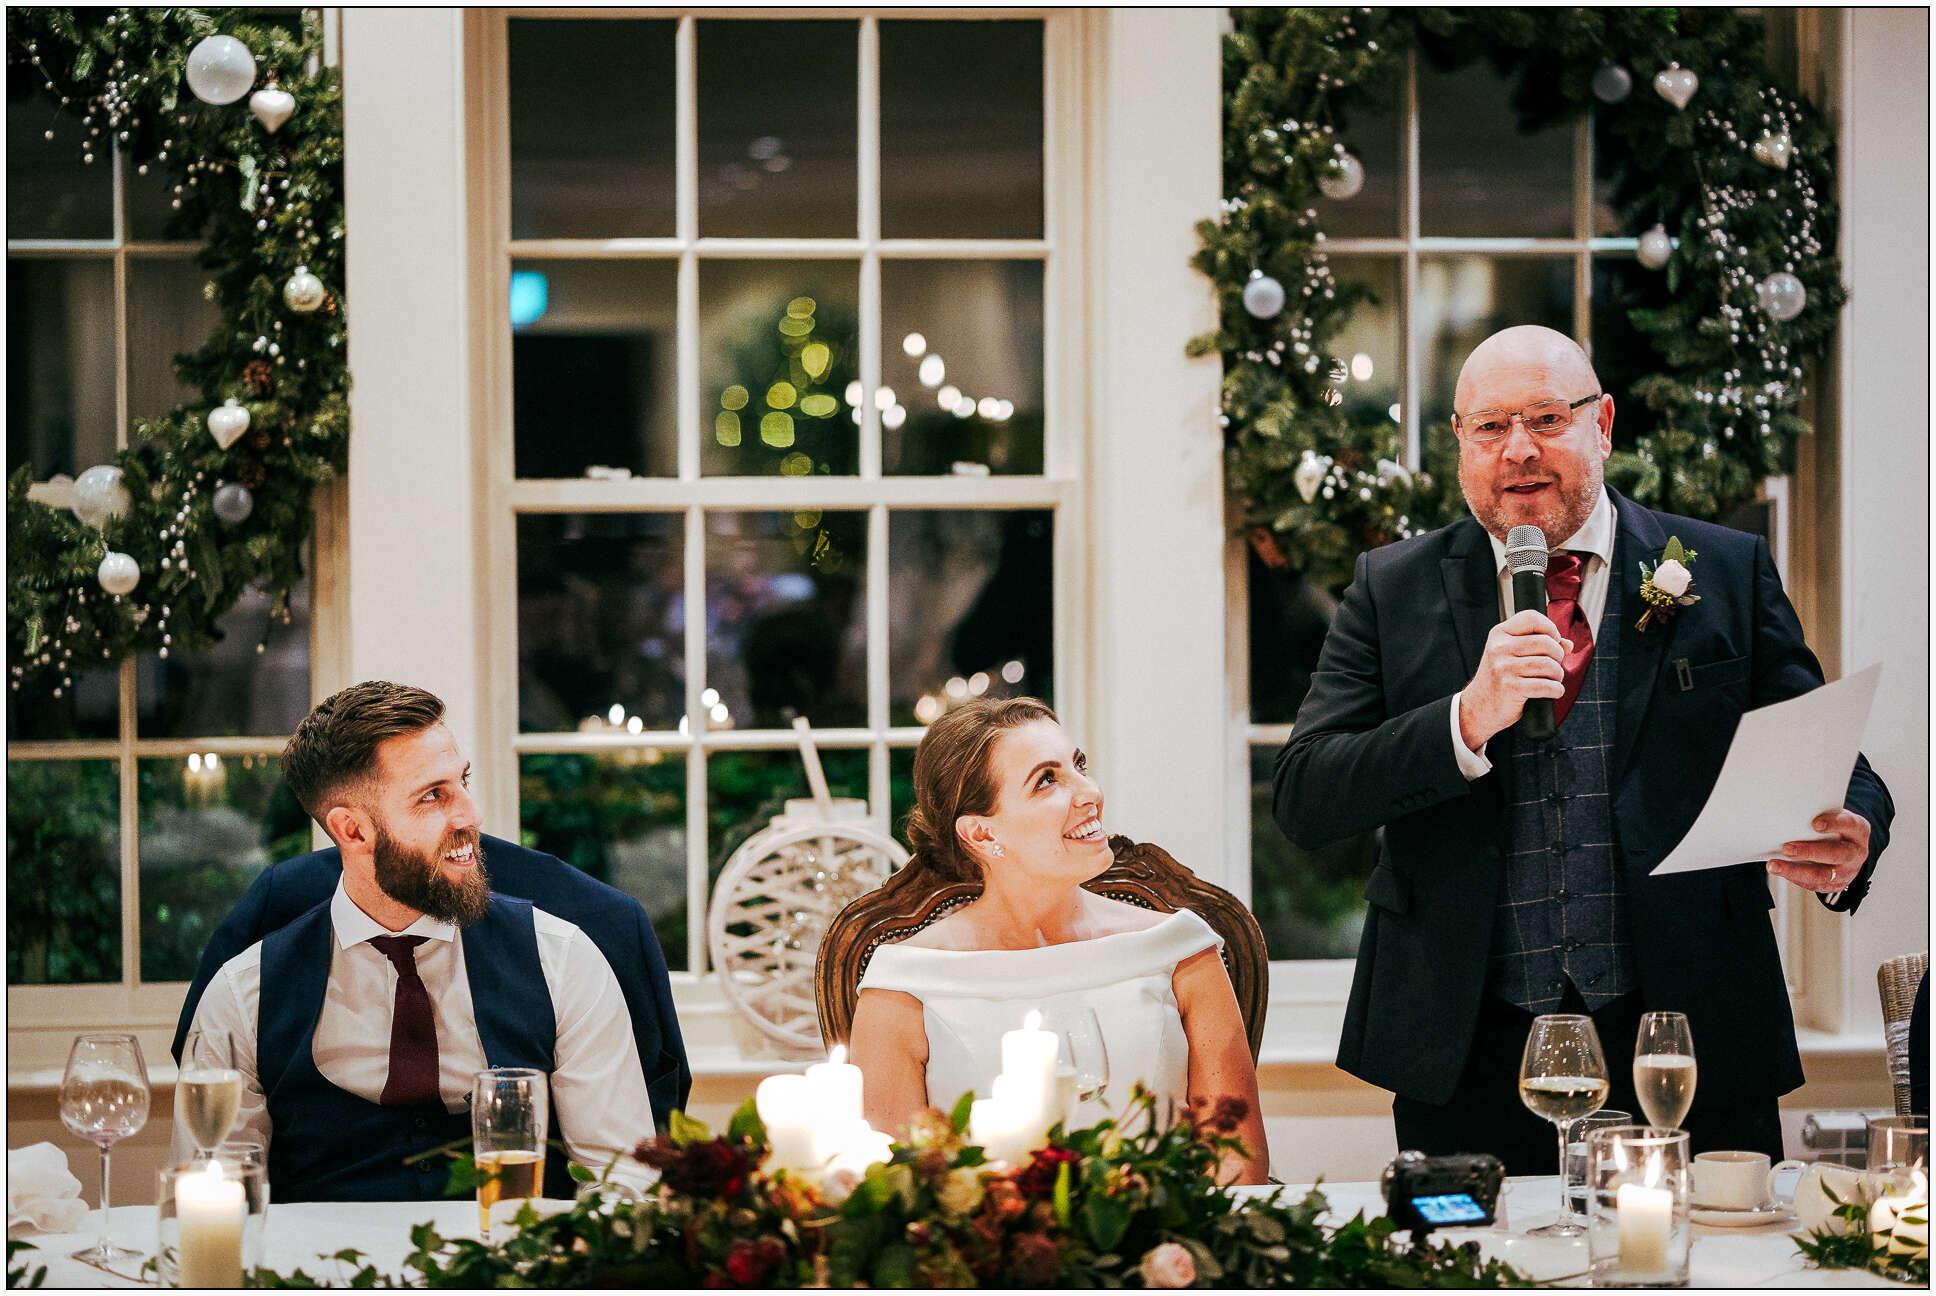 Mitton_Hall_Christmas_Wedding-52.jpg